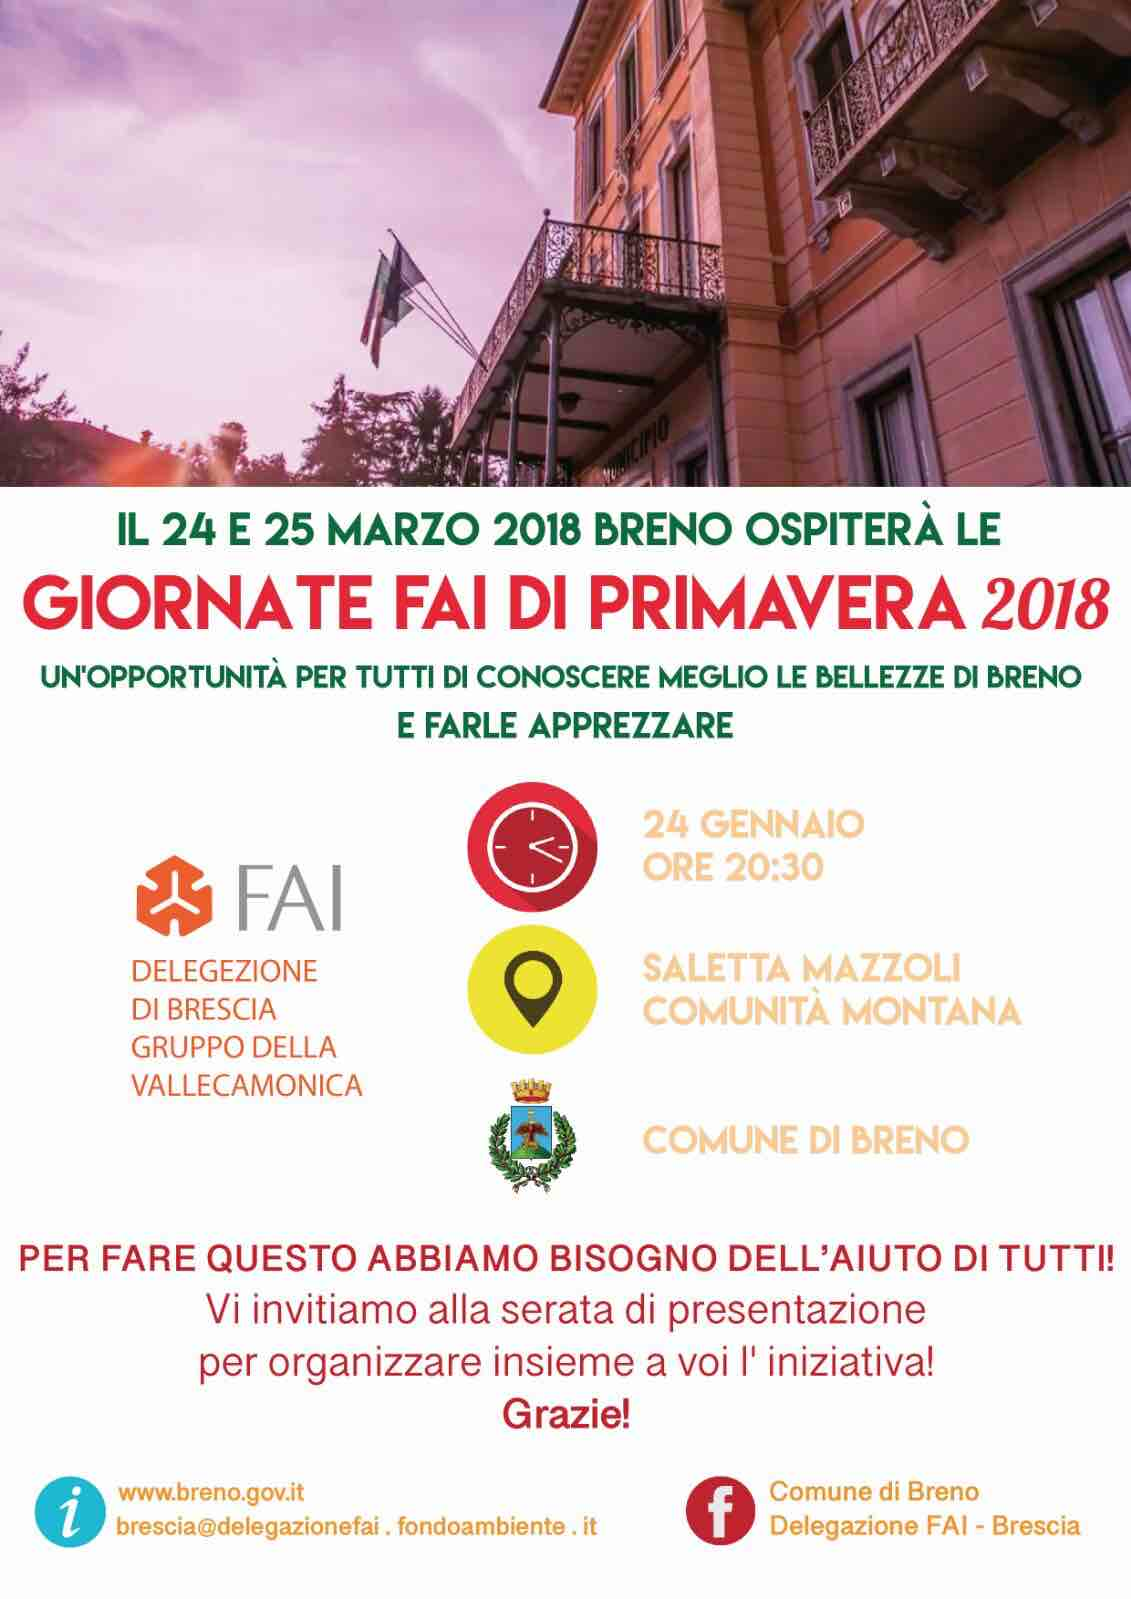 Giornate Fai di primavera 2018 in Valle Camonica: incontro ...